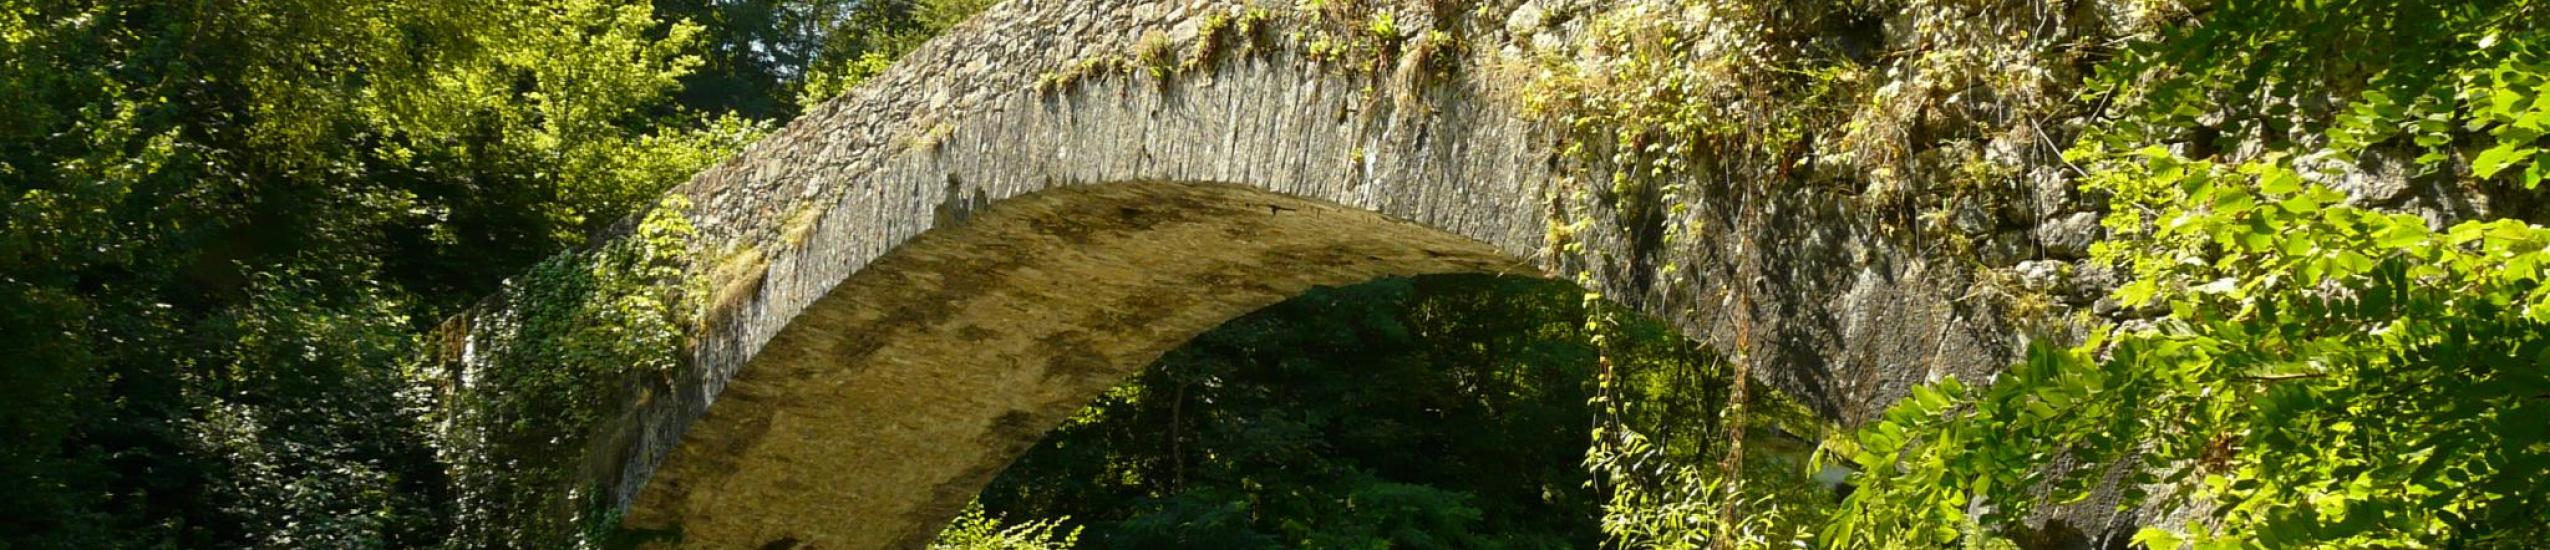 antico ponte in stile medioevale